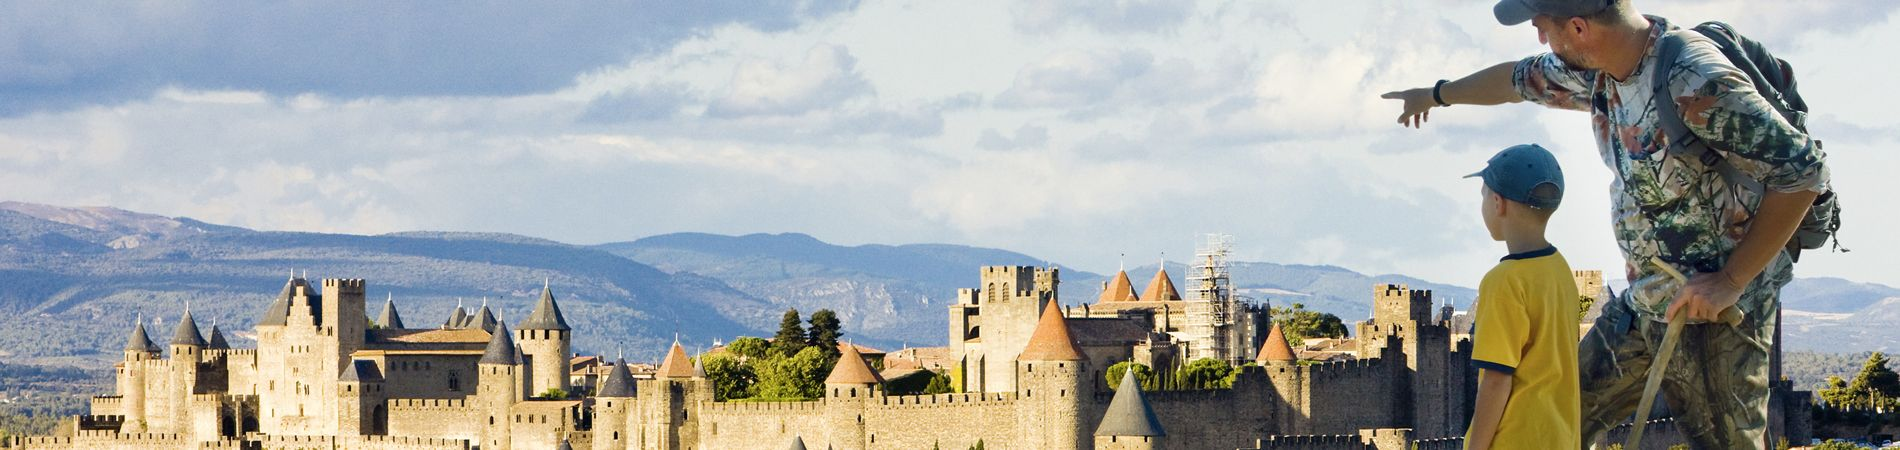 La vista de la ciudad de Carcassonne.